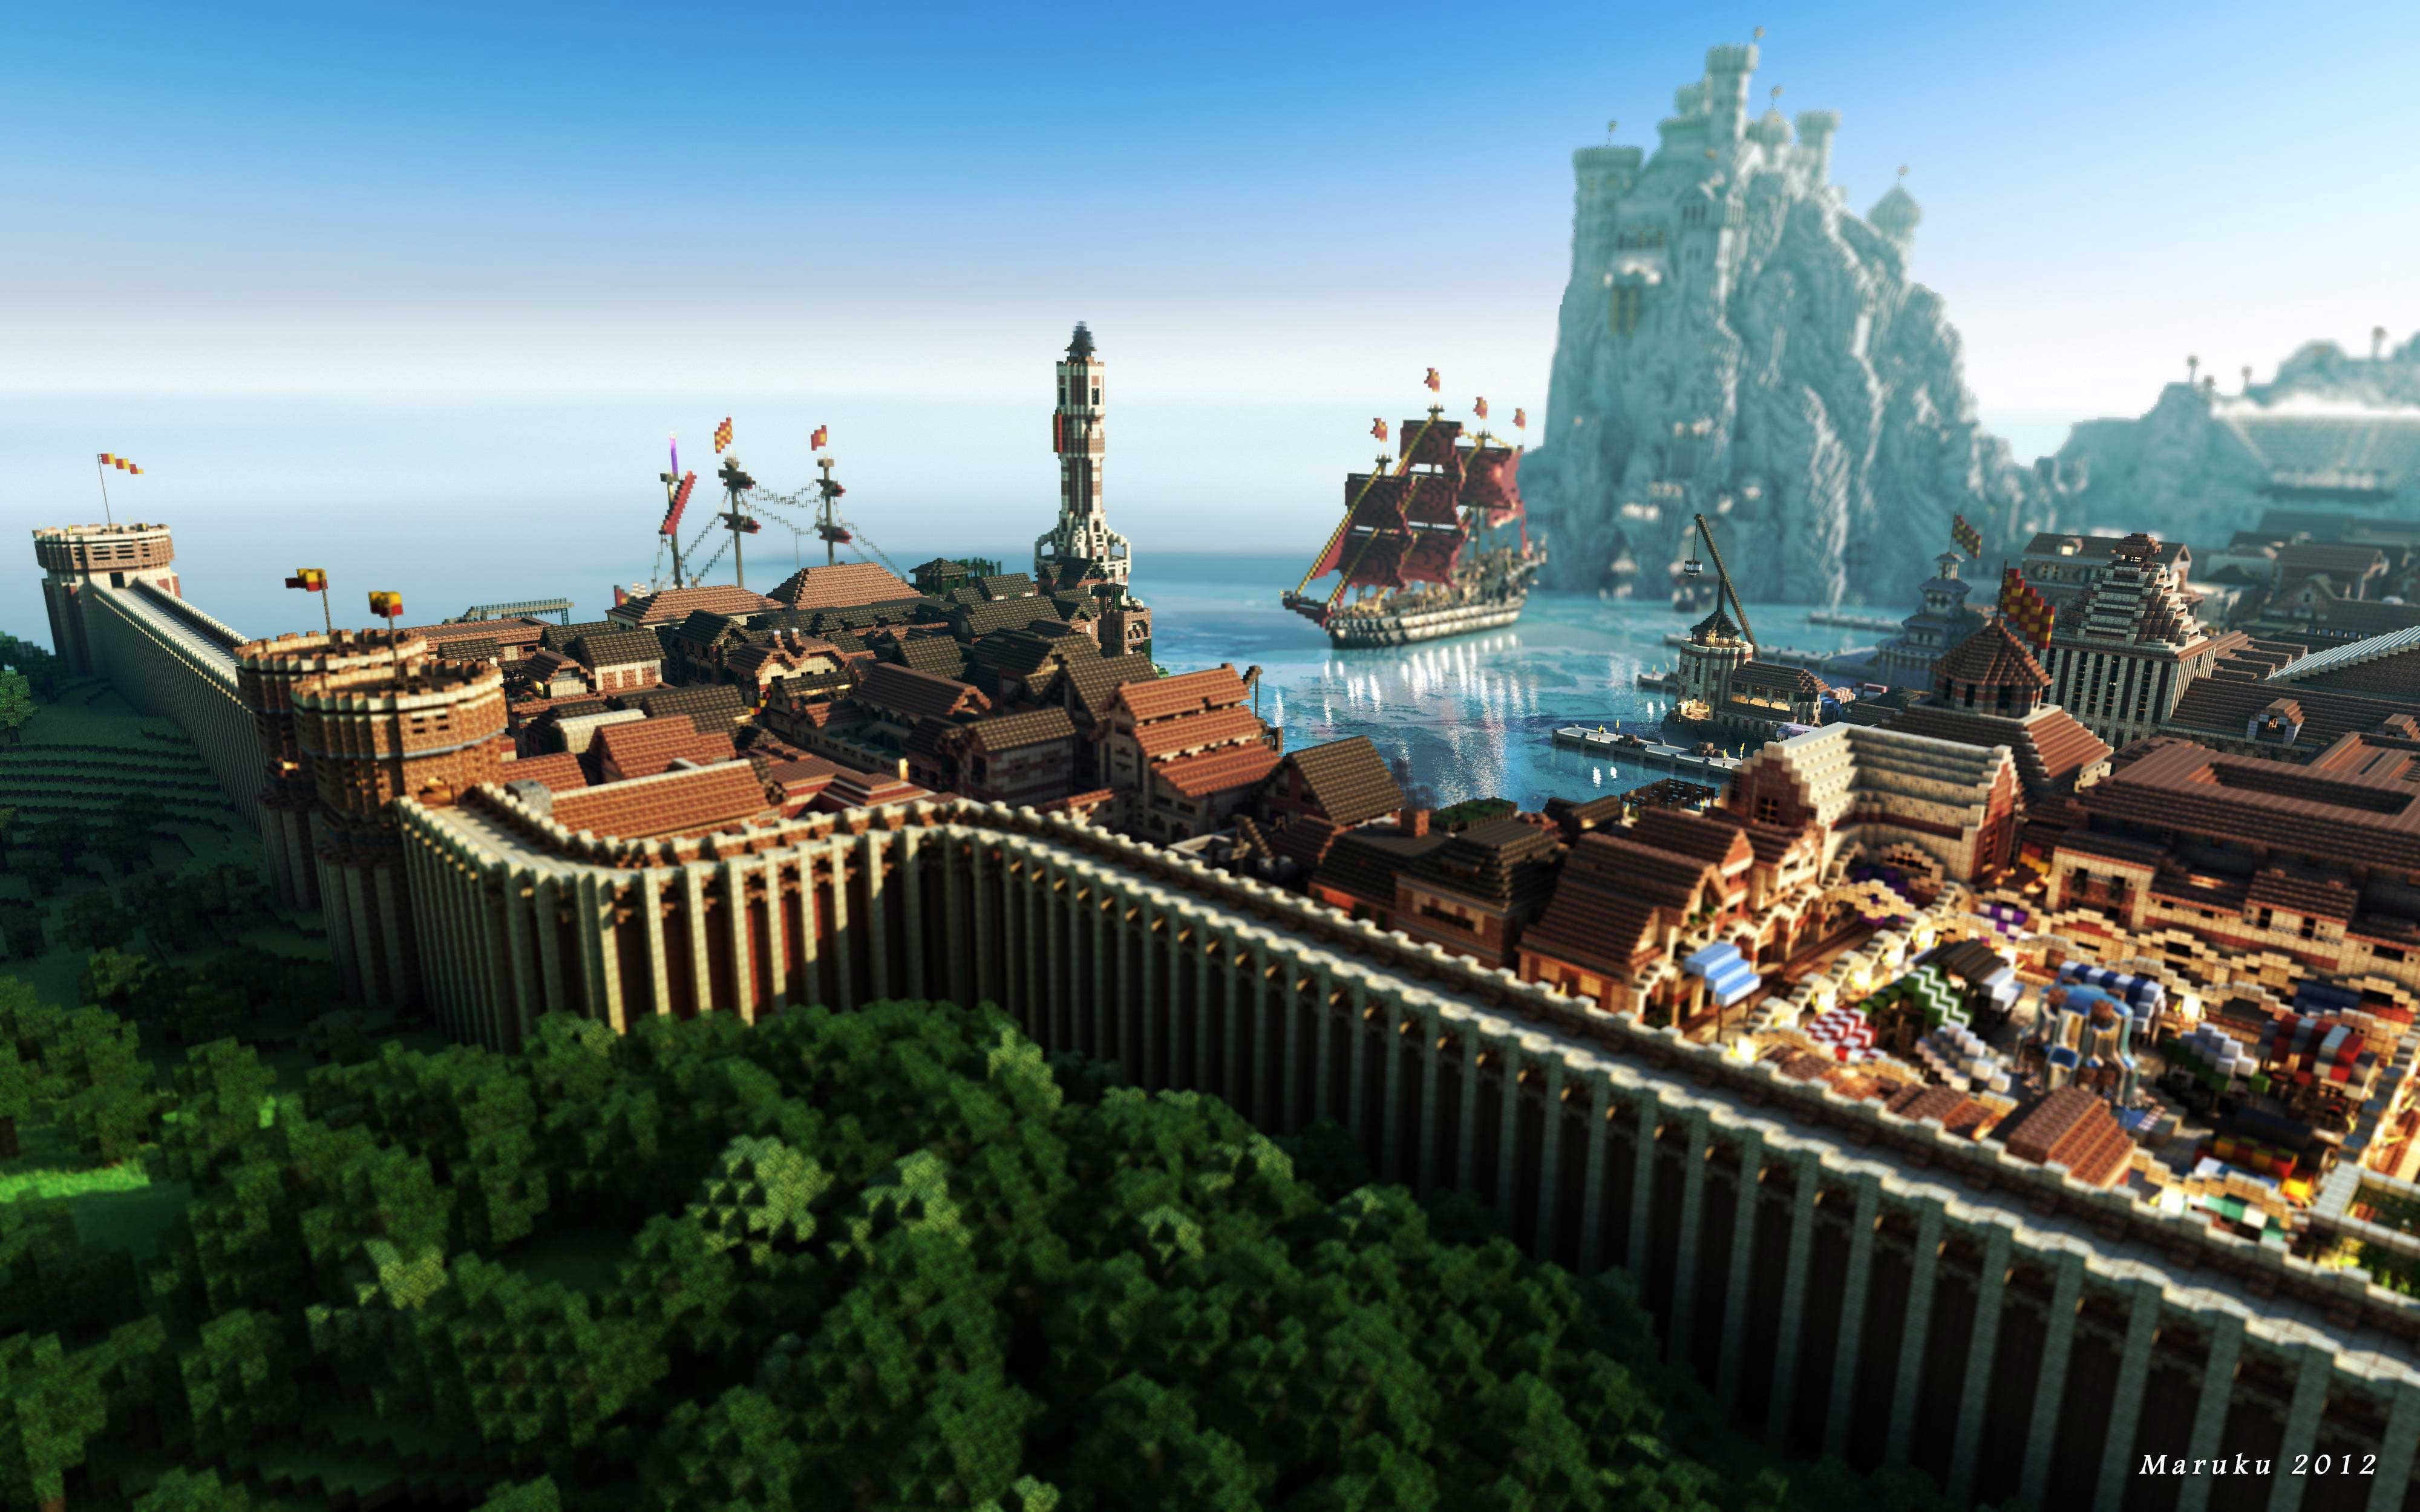 《我的世界》风景秀丽的高清壁纸 第一弹